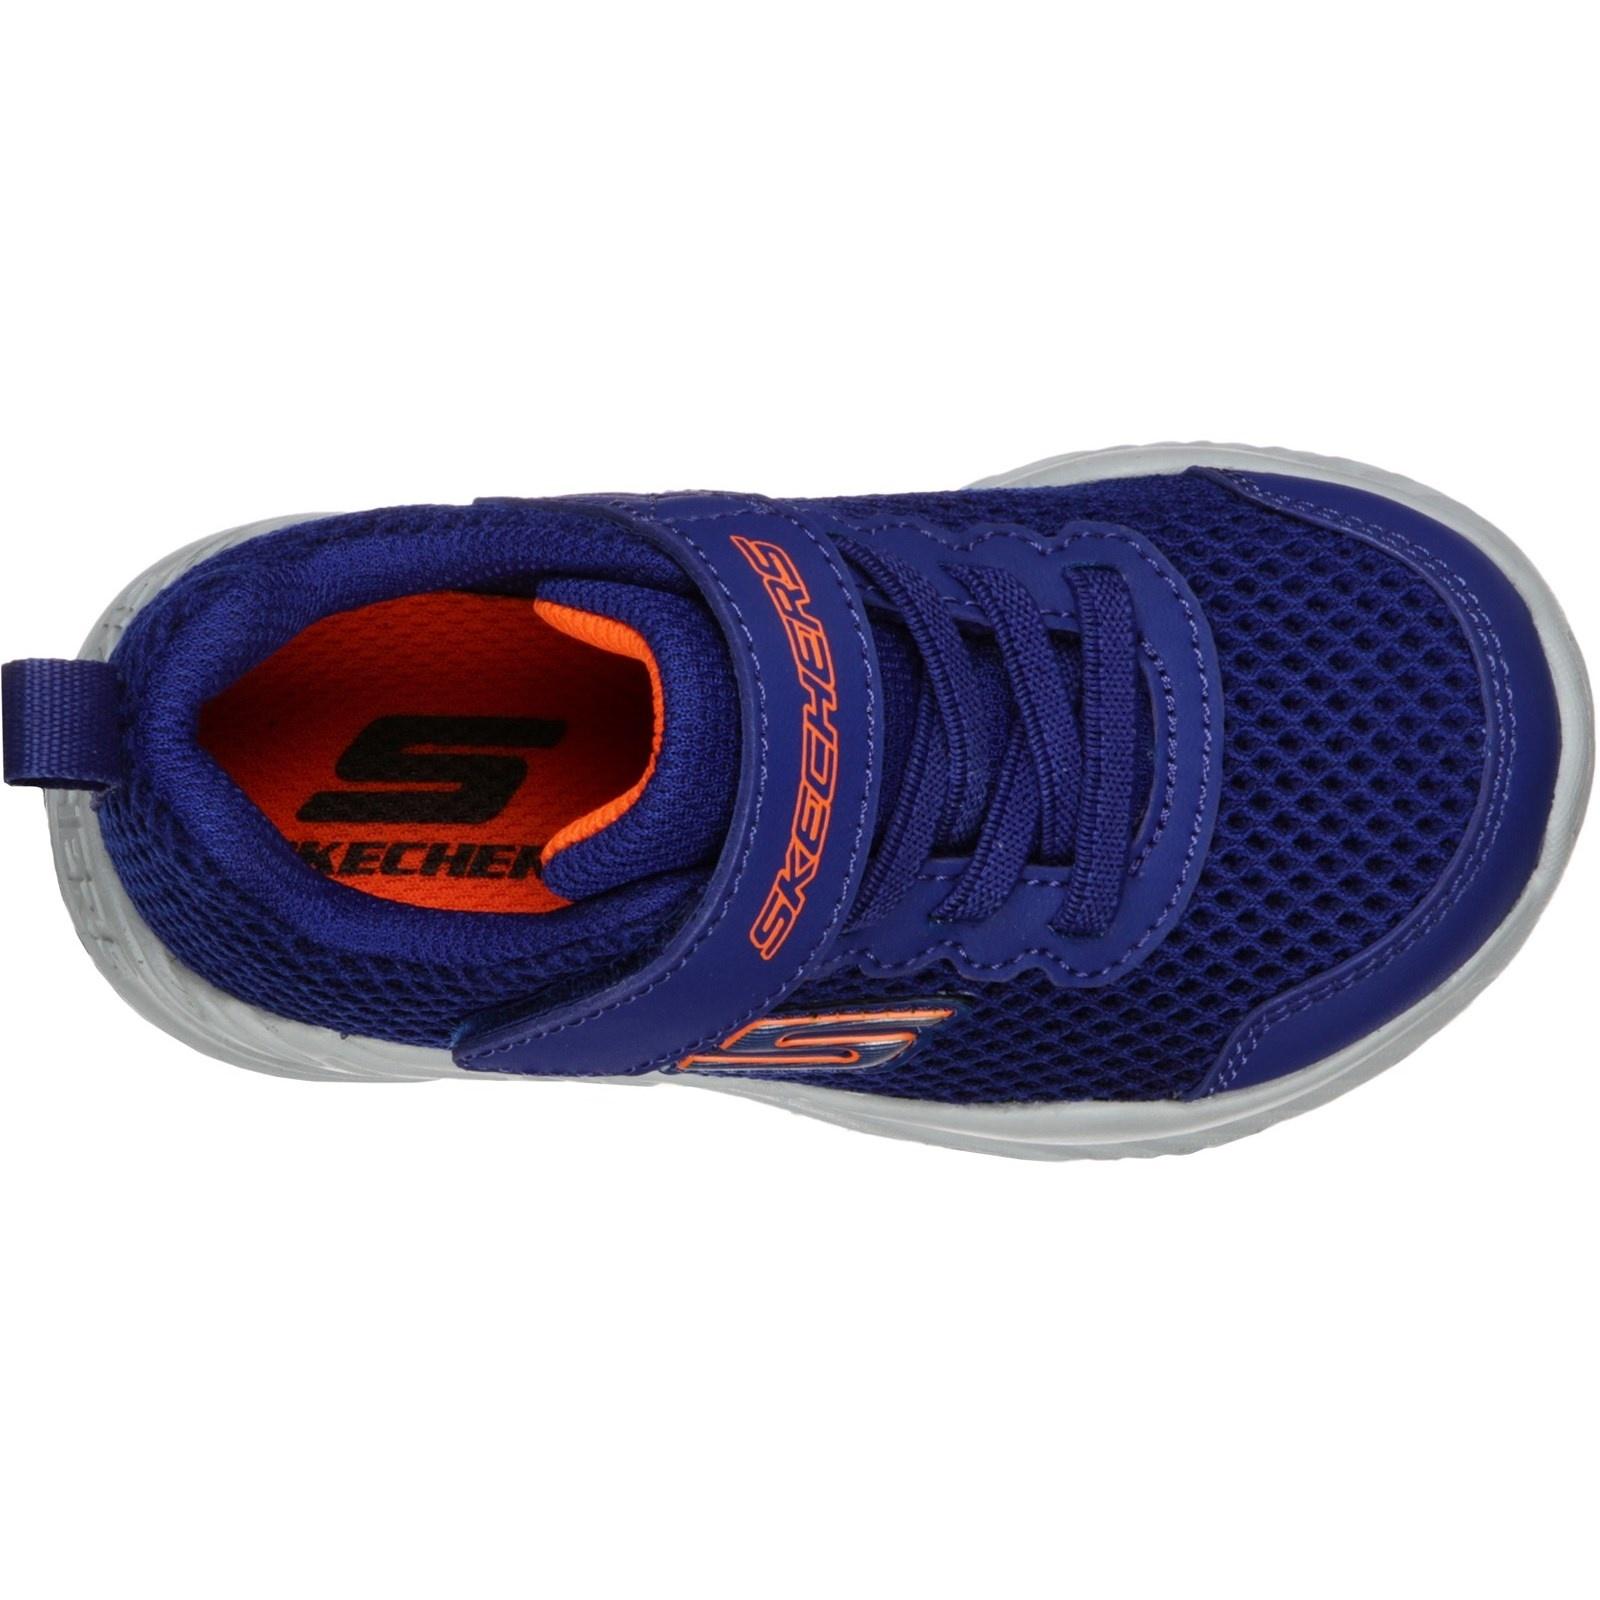 Skechers Krodon blue orange